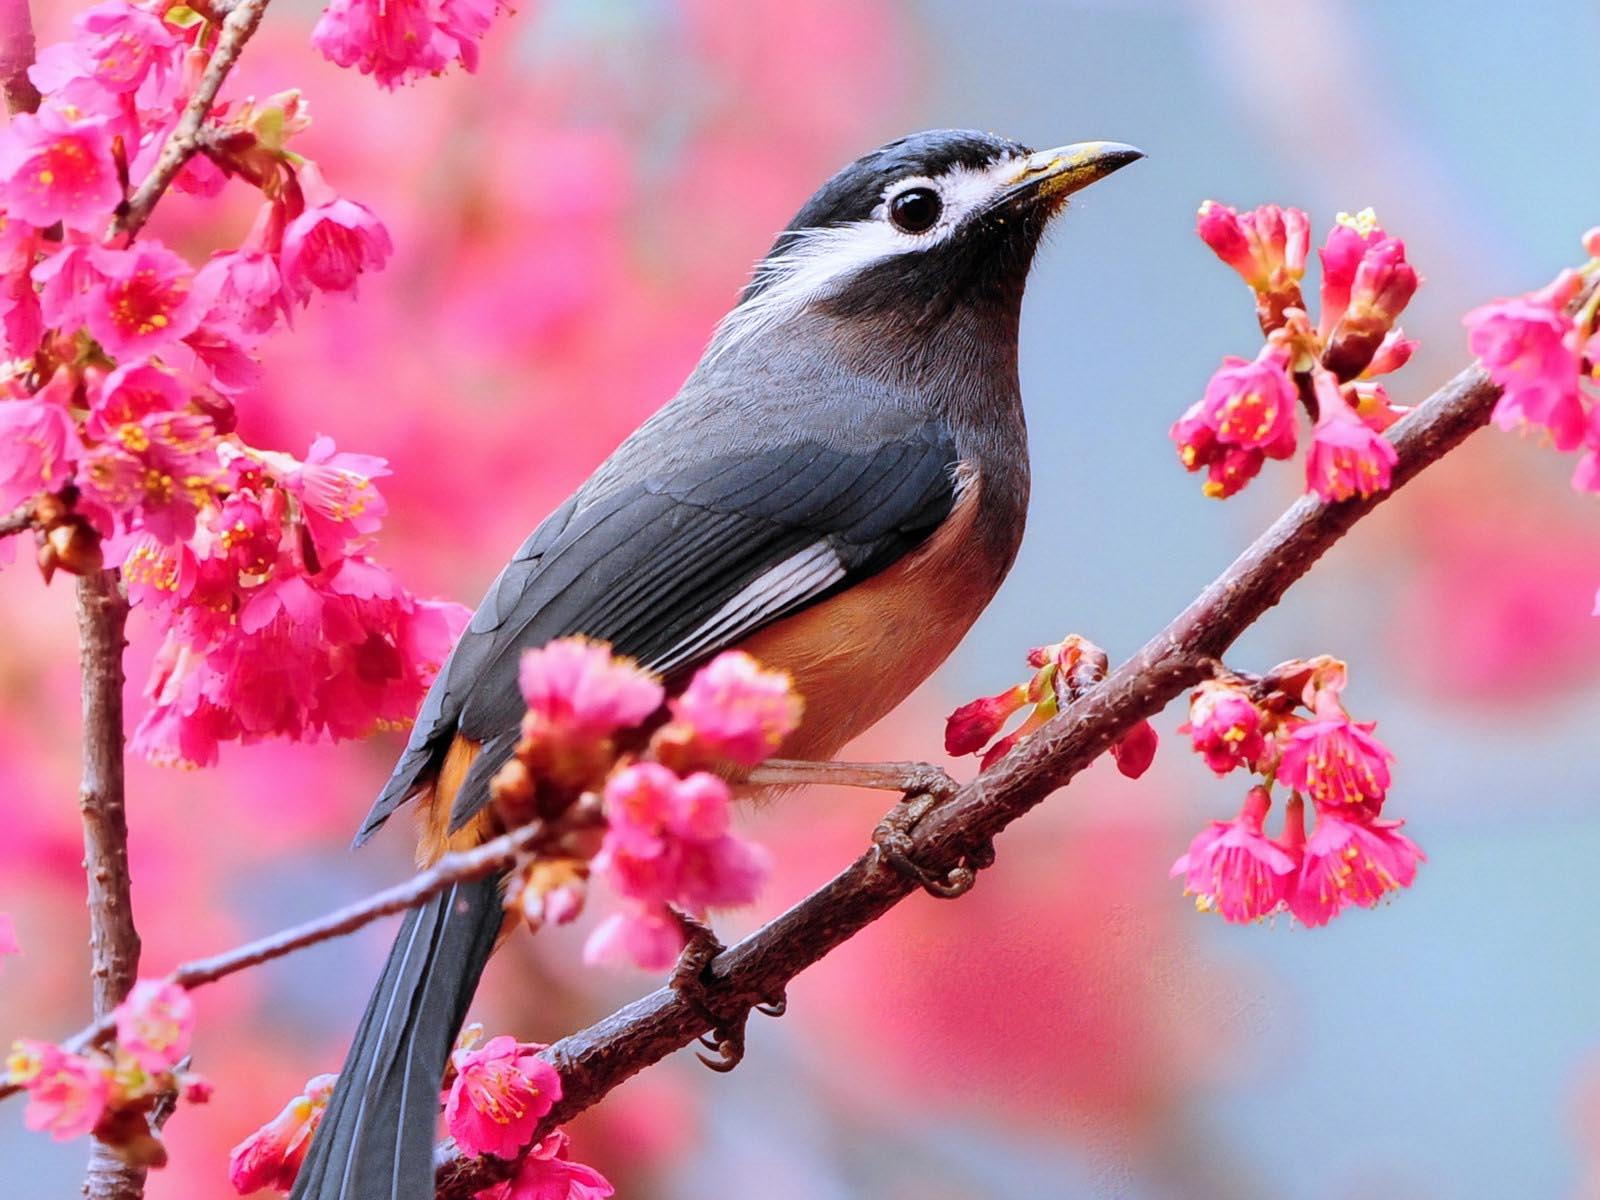 birds wallpaper love birds desktop wallpapers 2172 ssofc